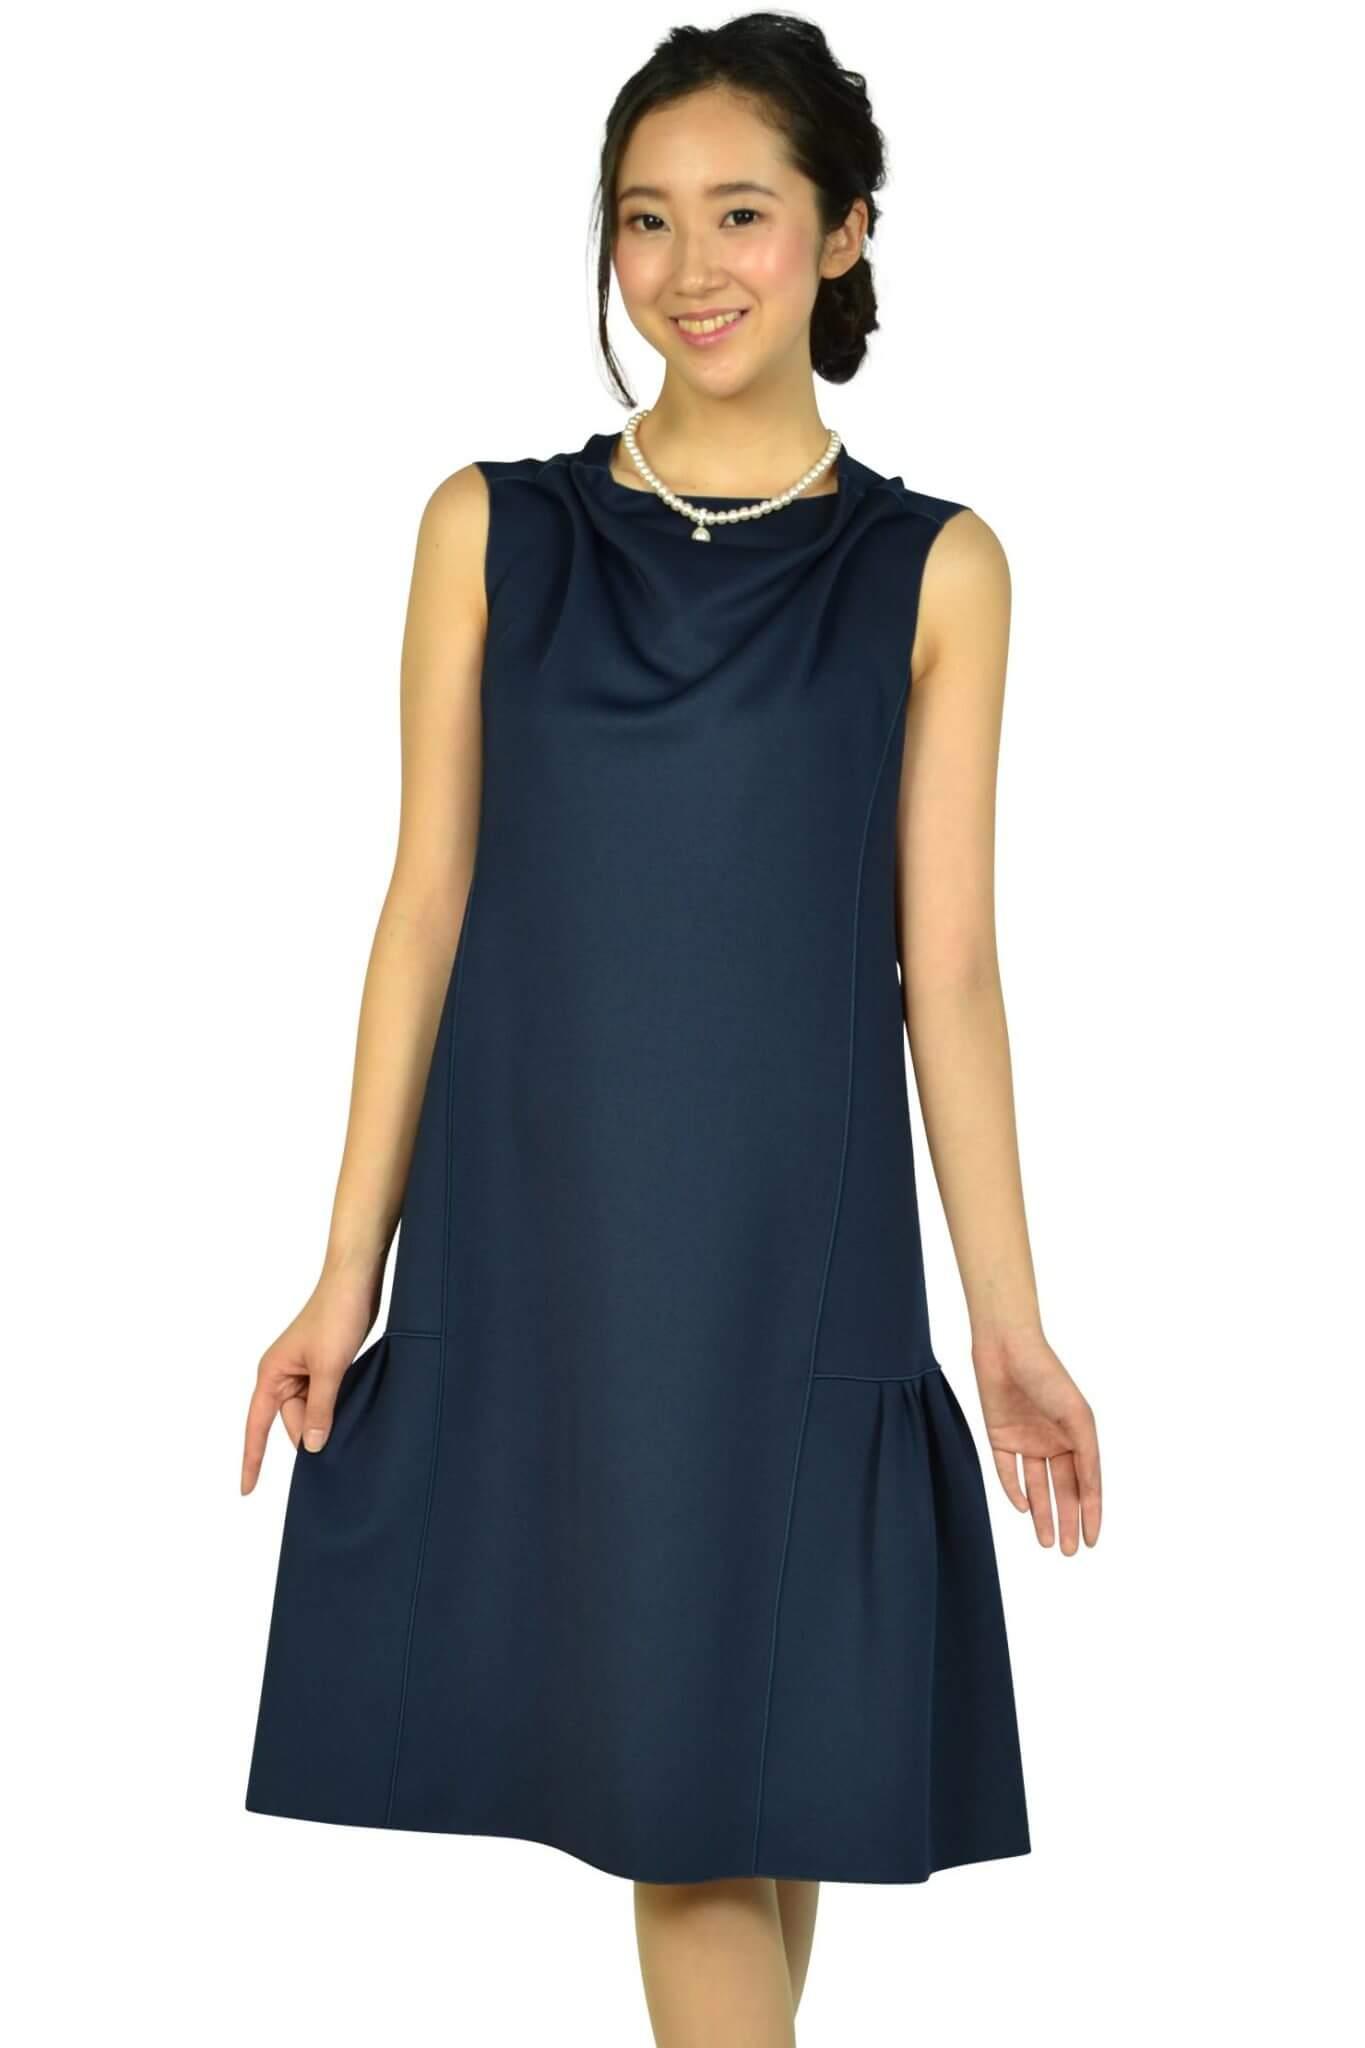 エンポリオ アルマーニ(EMPORIO ARMANI)ドレープ&タックゆったりネイビードレス